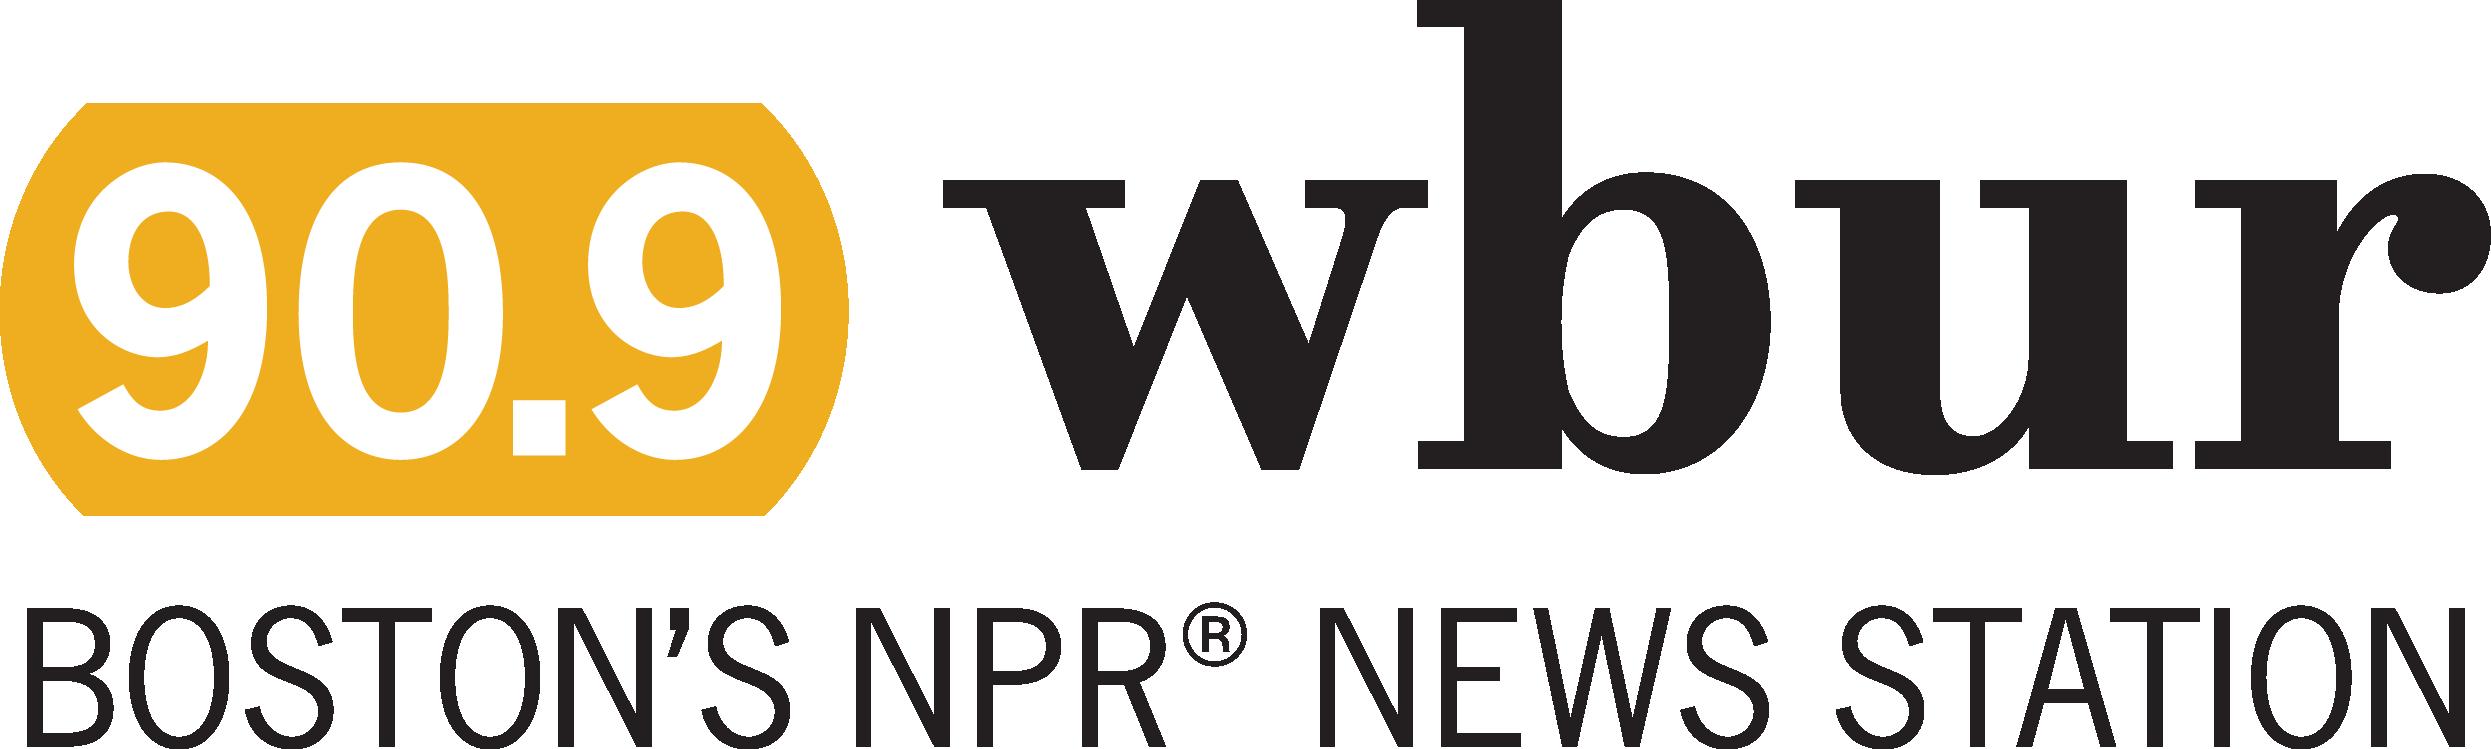 WBUR logo.png